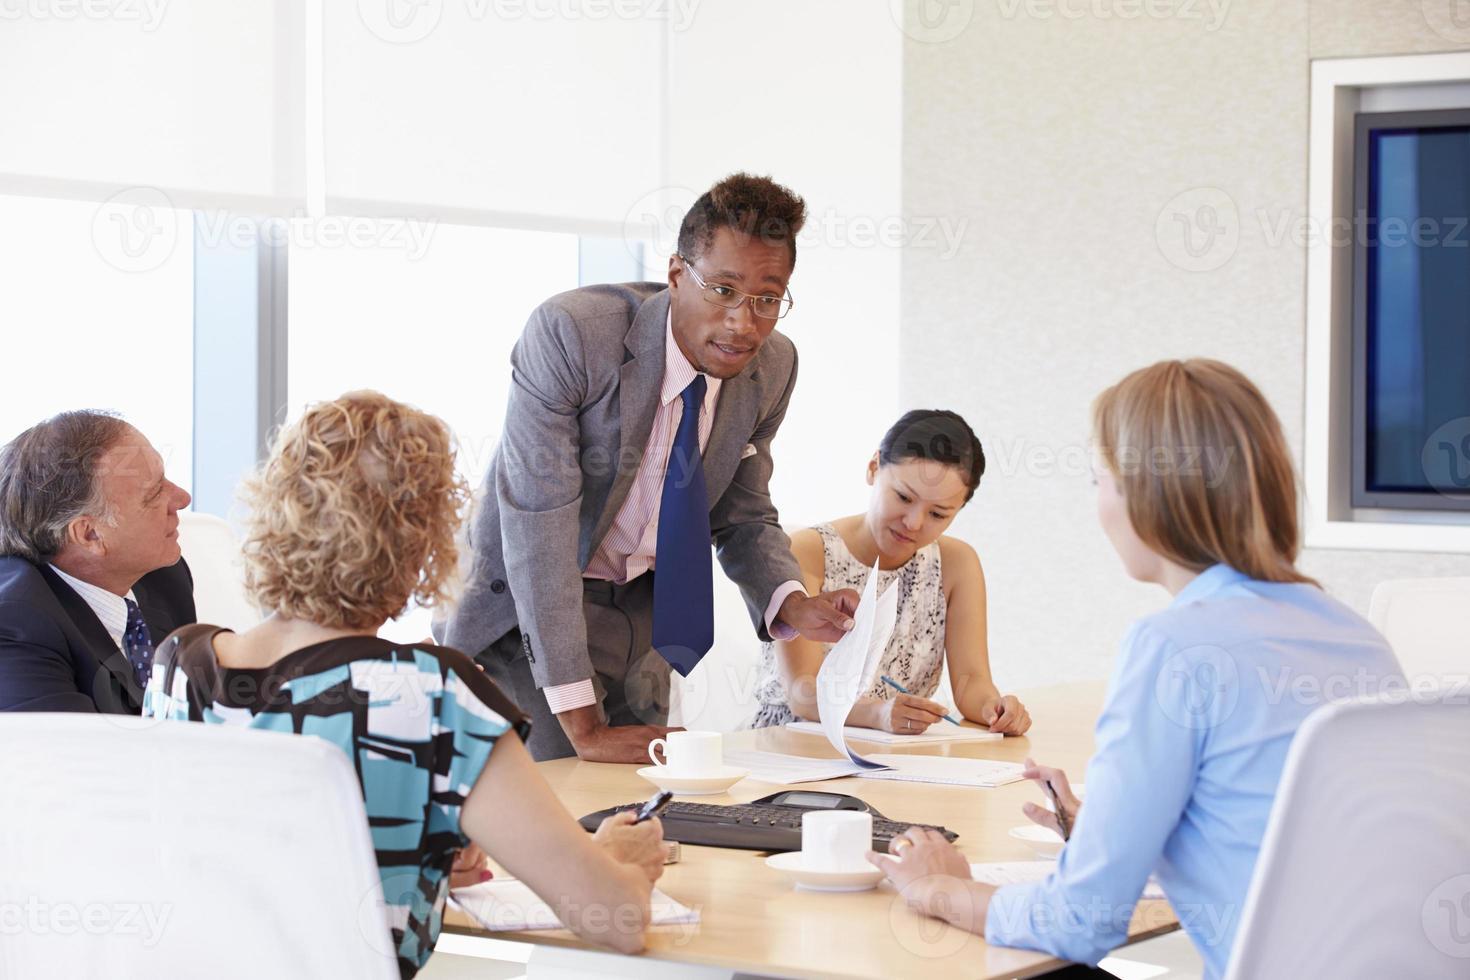 cinco empresários tendo reunião na sala de reuniões foto